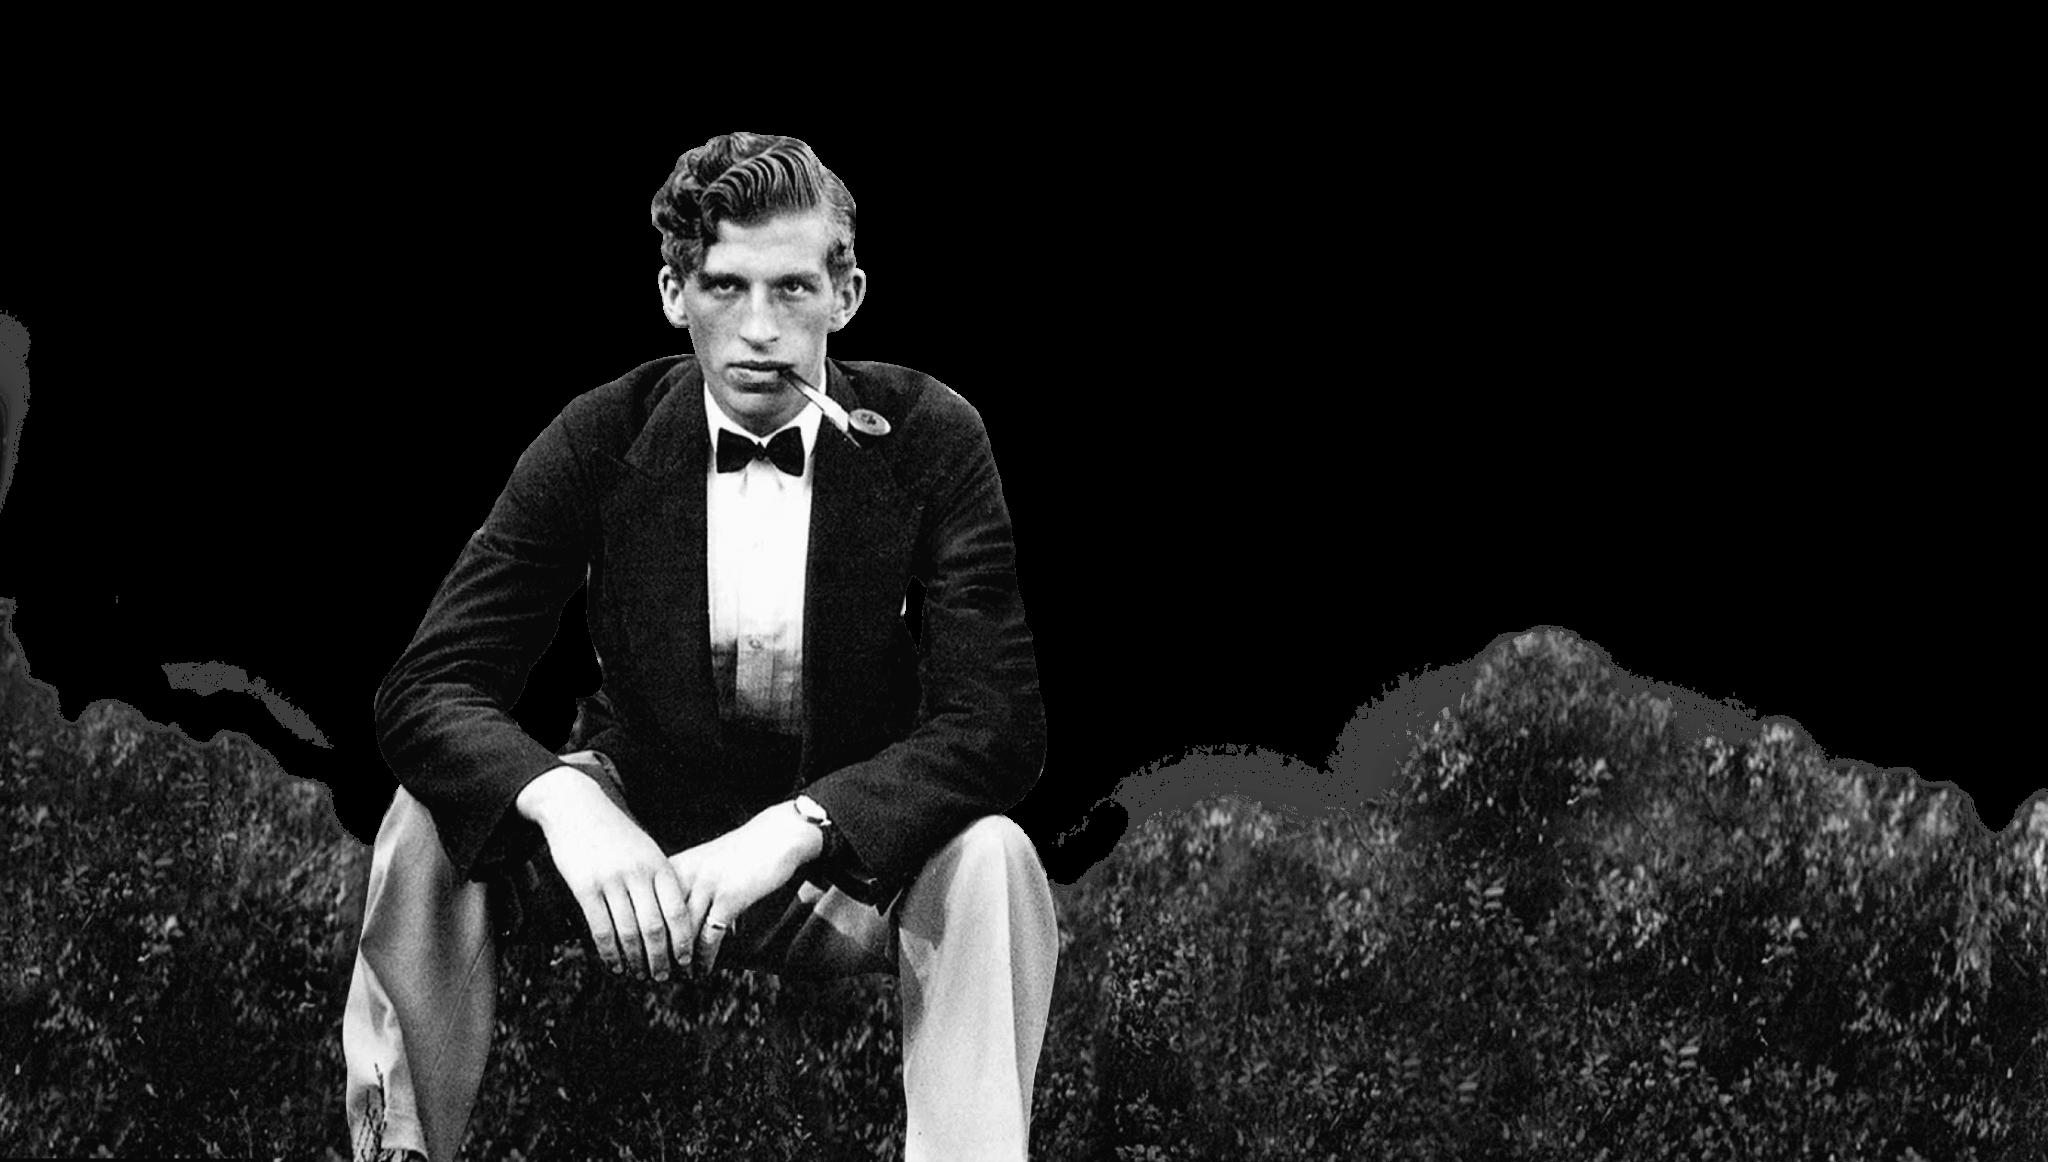 Maurice Välklädd mitt i lingonriset